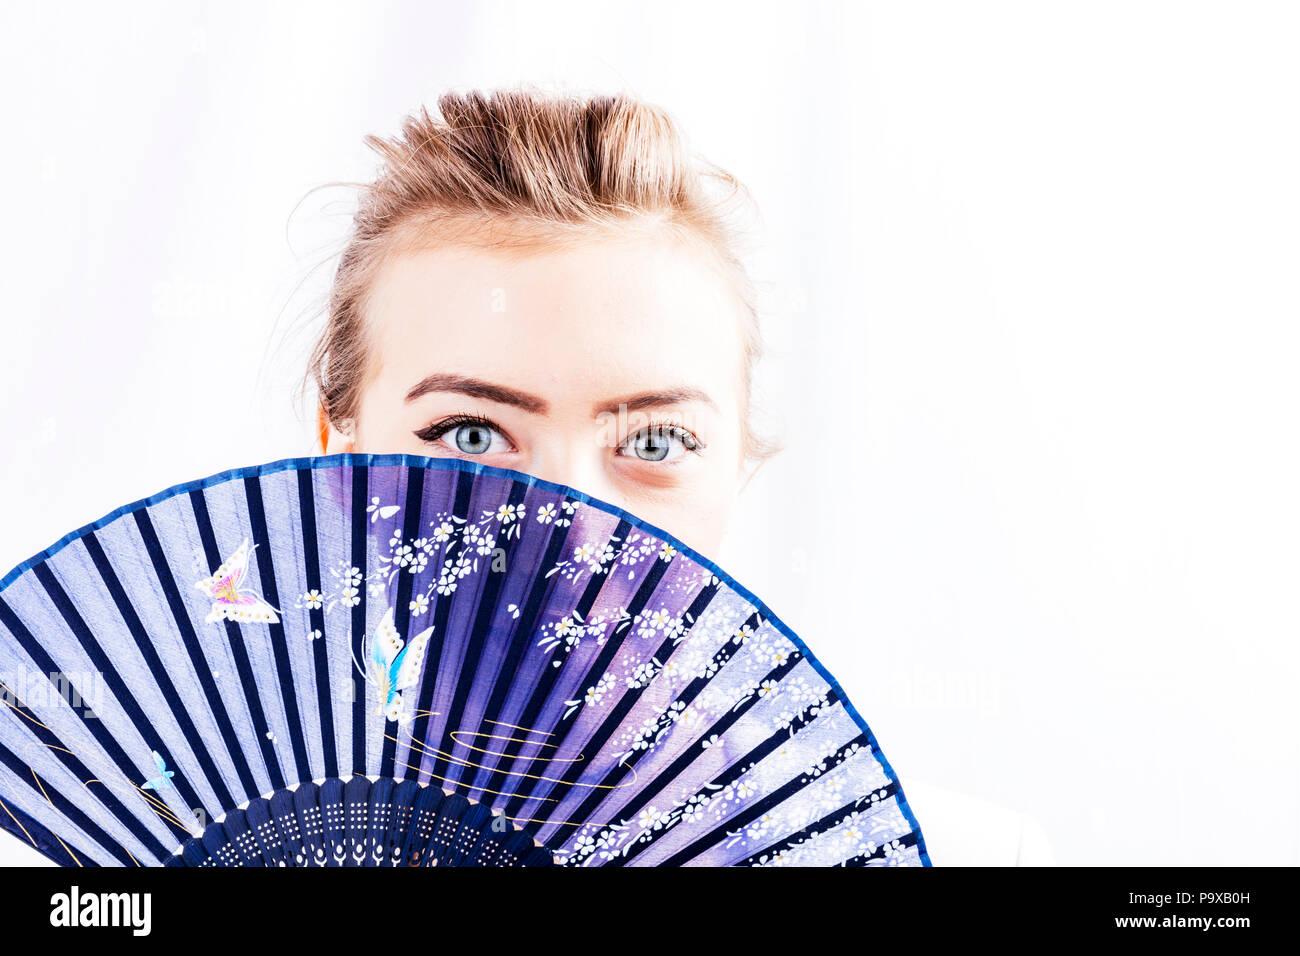 Tímida niña Chica con abanico, niña utilizando el ventilador abanico chino, rígido el ventilador, el ventilador fijo, escondiéndose detrás del ventilador, Sharp ojos, ojos, ojos muy impresionante, piel fresca, Imagen De Stock